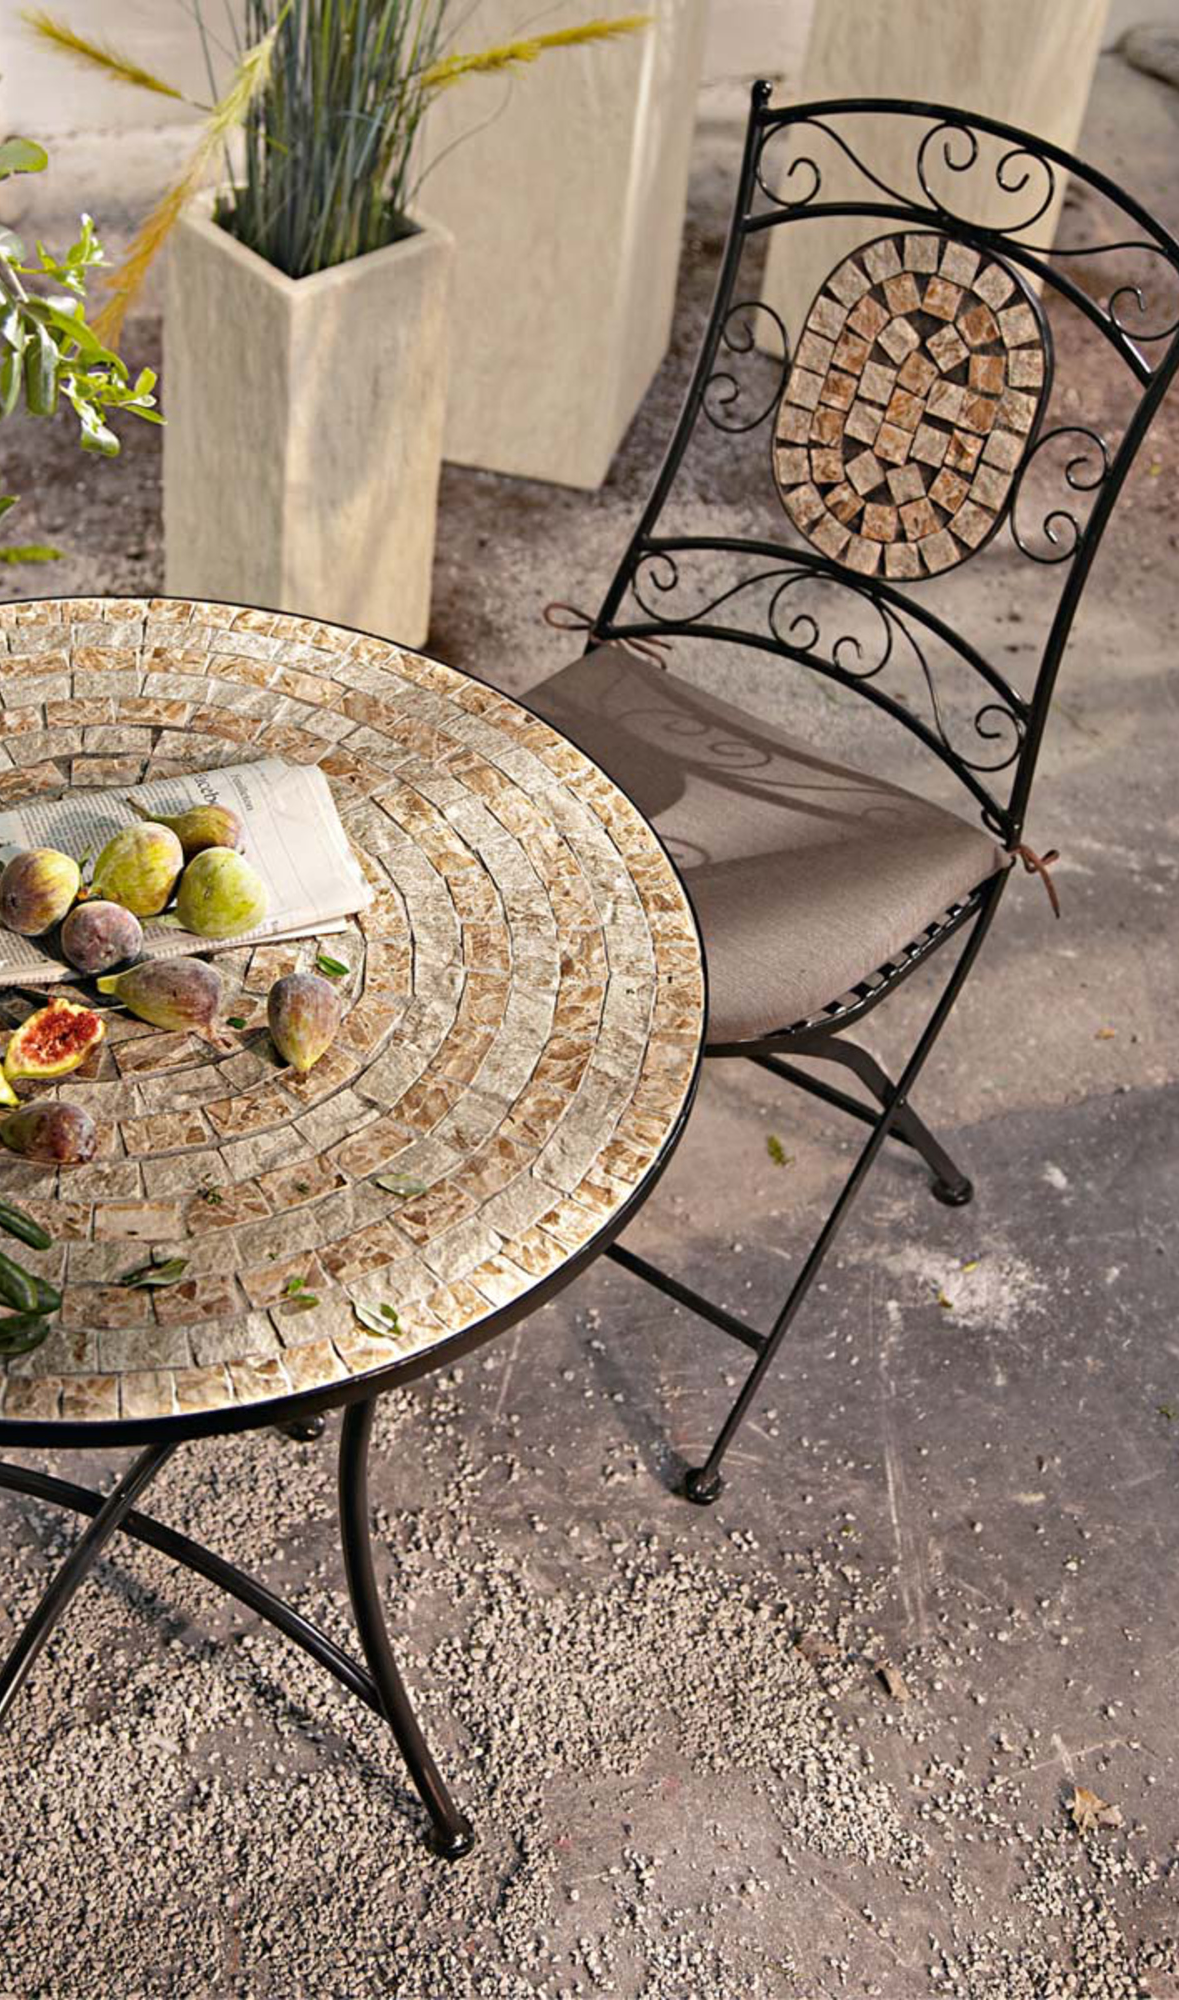 Wunderbar Garten Set Mit 2 Stühlen Aus Lackiertem Metall Mit Ovalem Mosaikelement